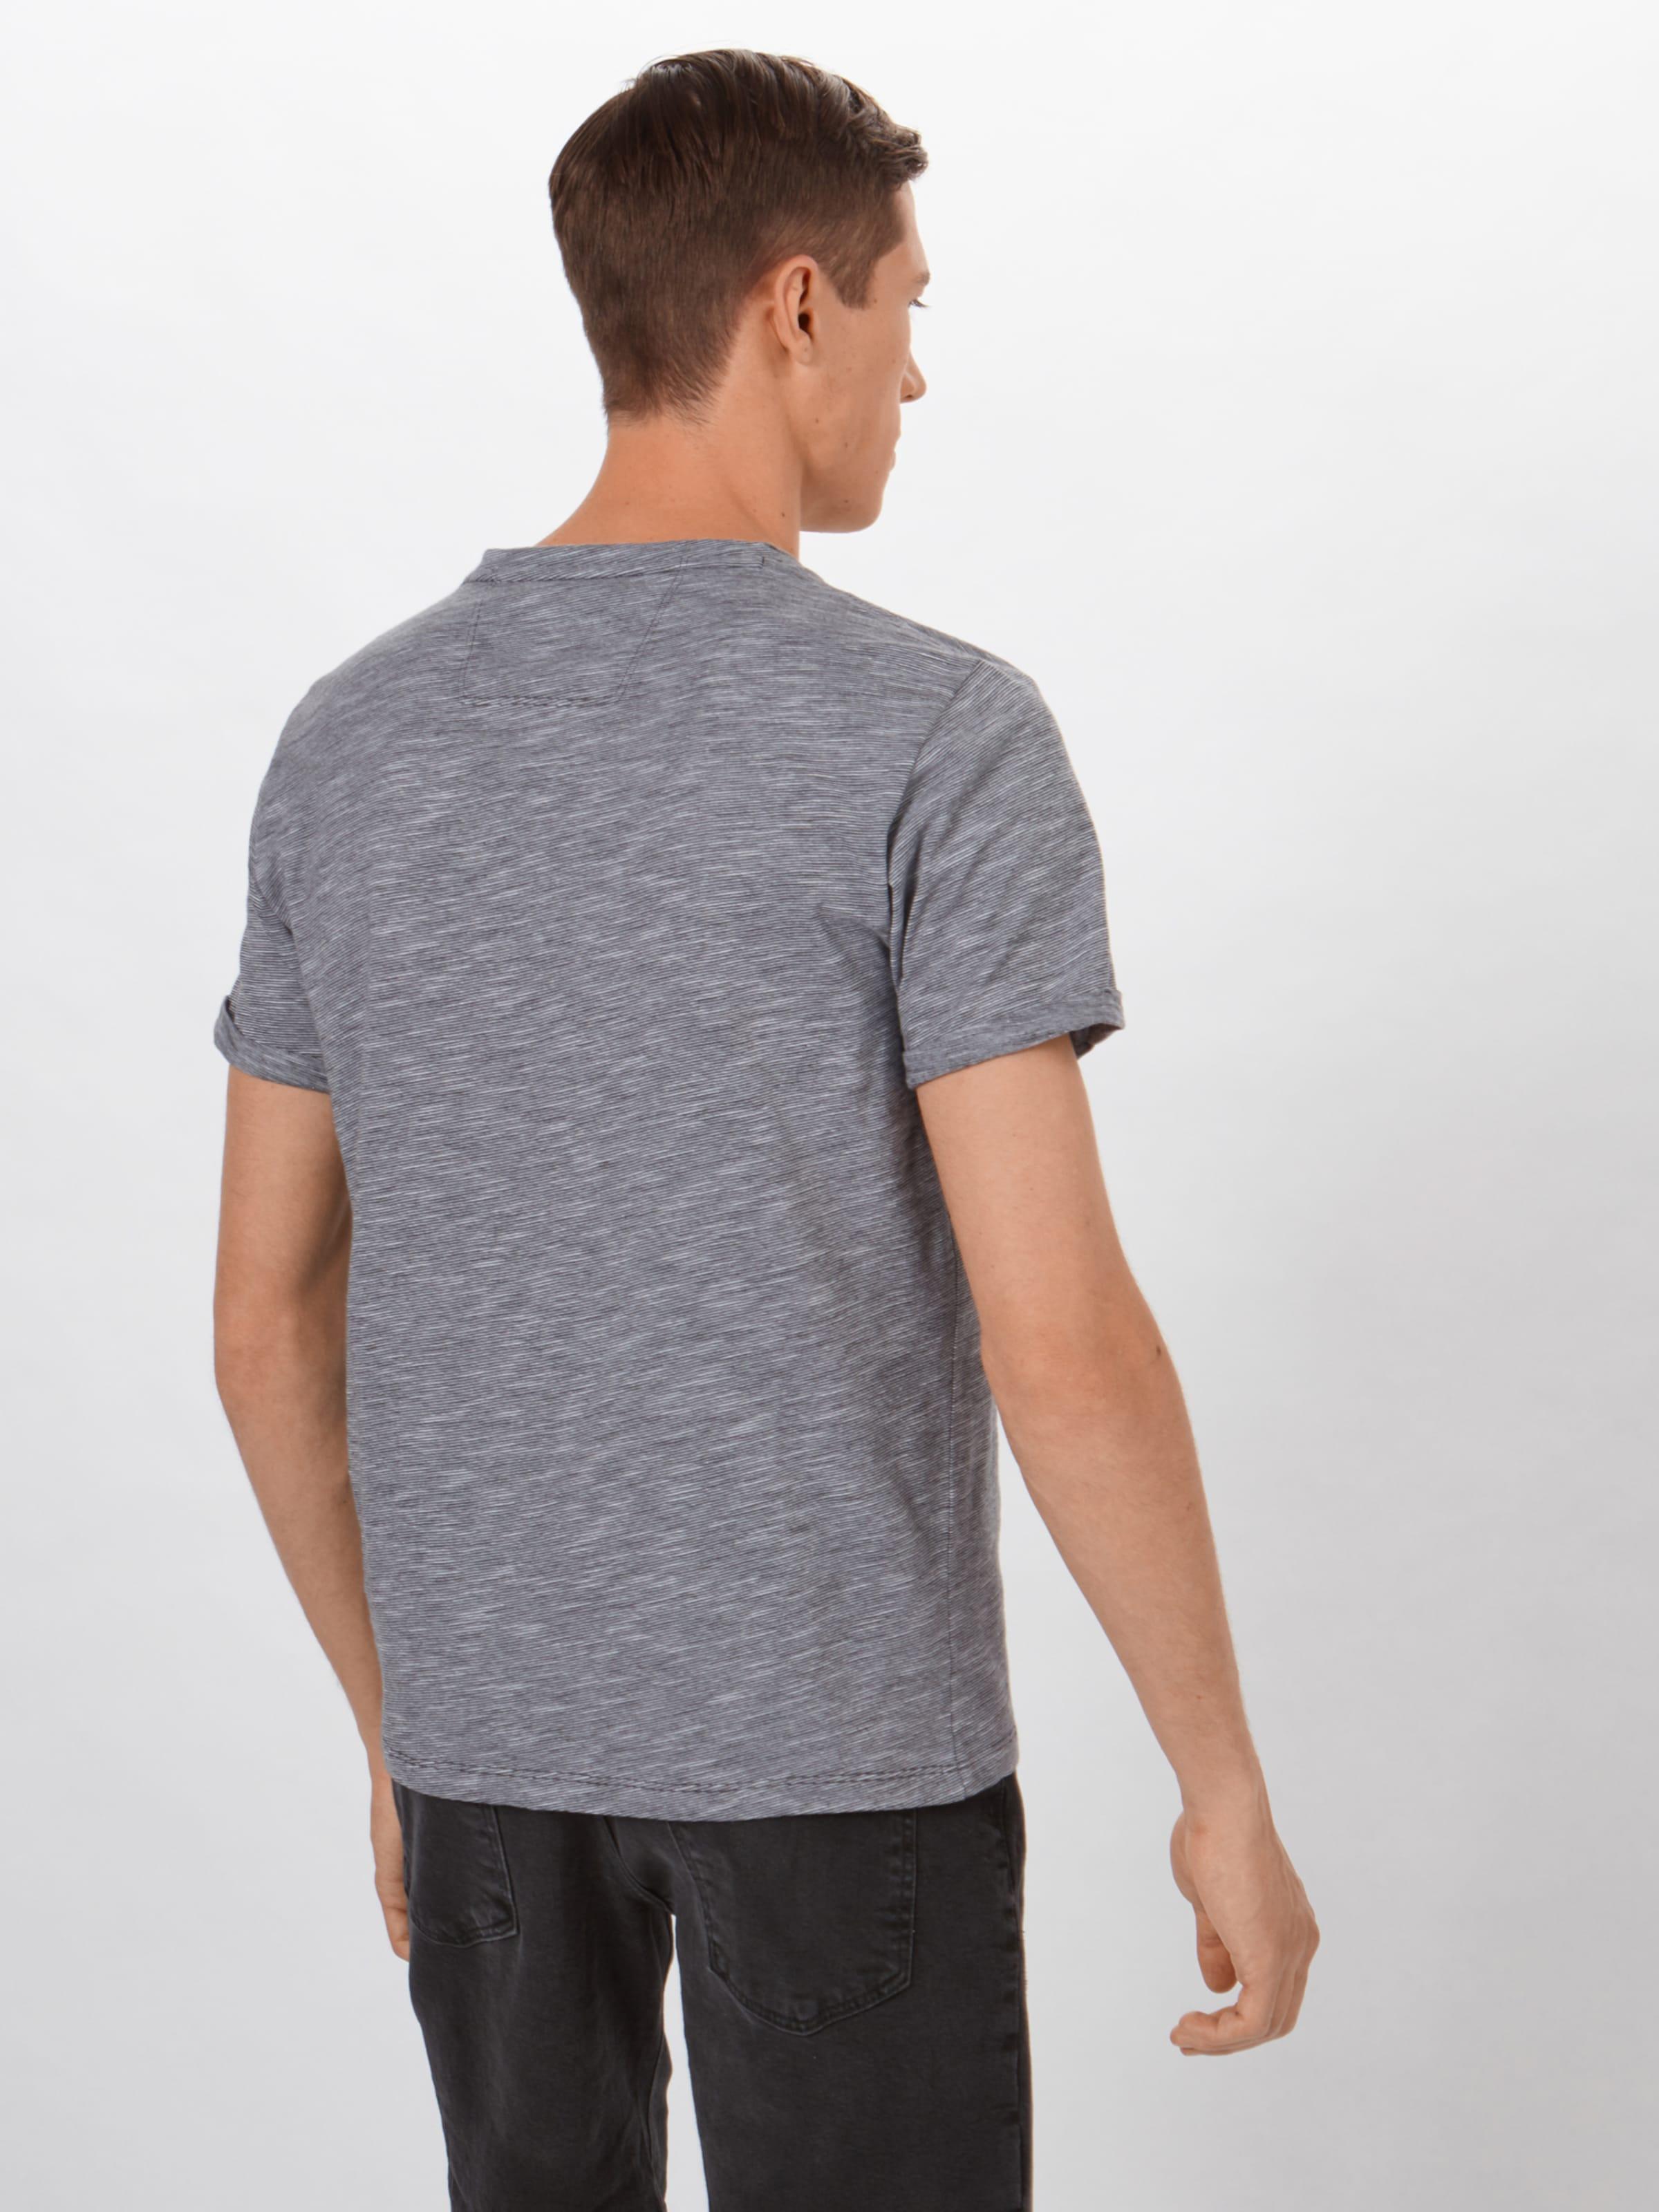 Foncé shirt Red oliver T Label En S Gris CQdxshtr